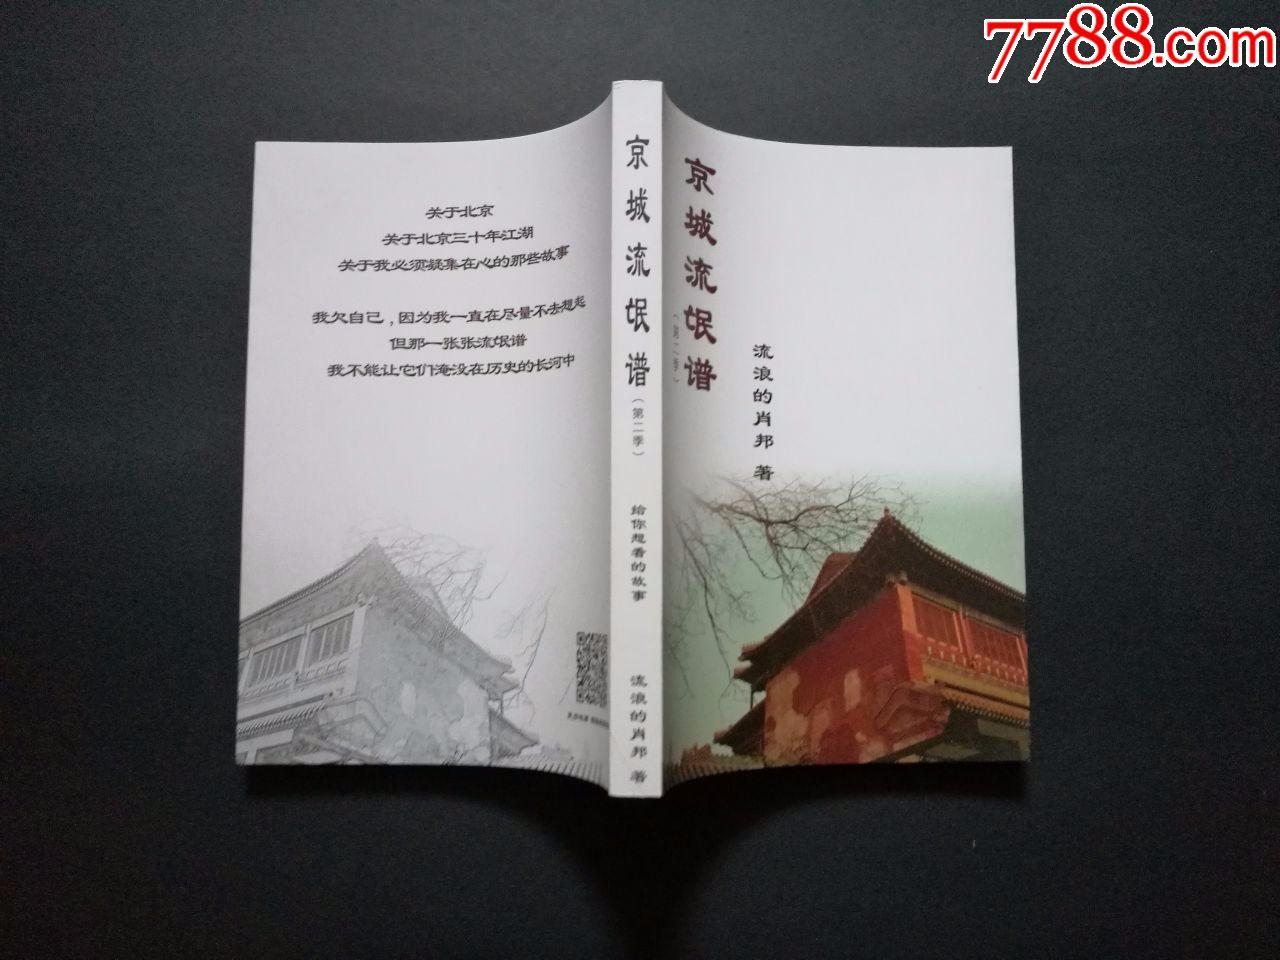 京城流氓谱第二季风云再起(最早版本未删节私